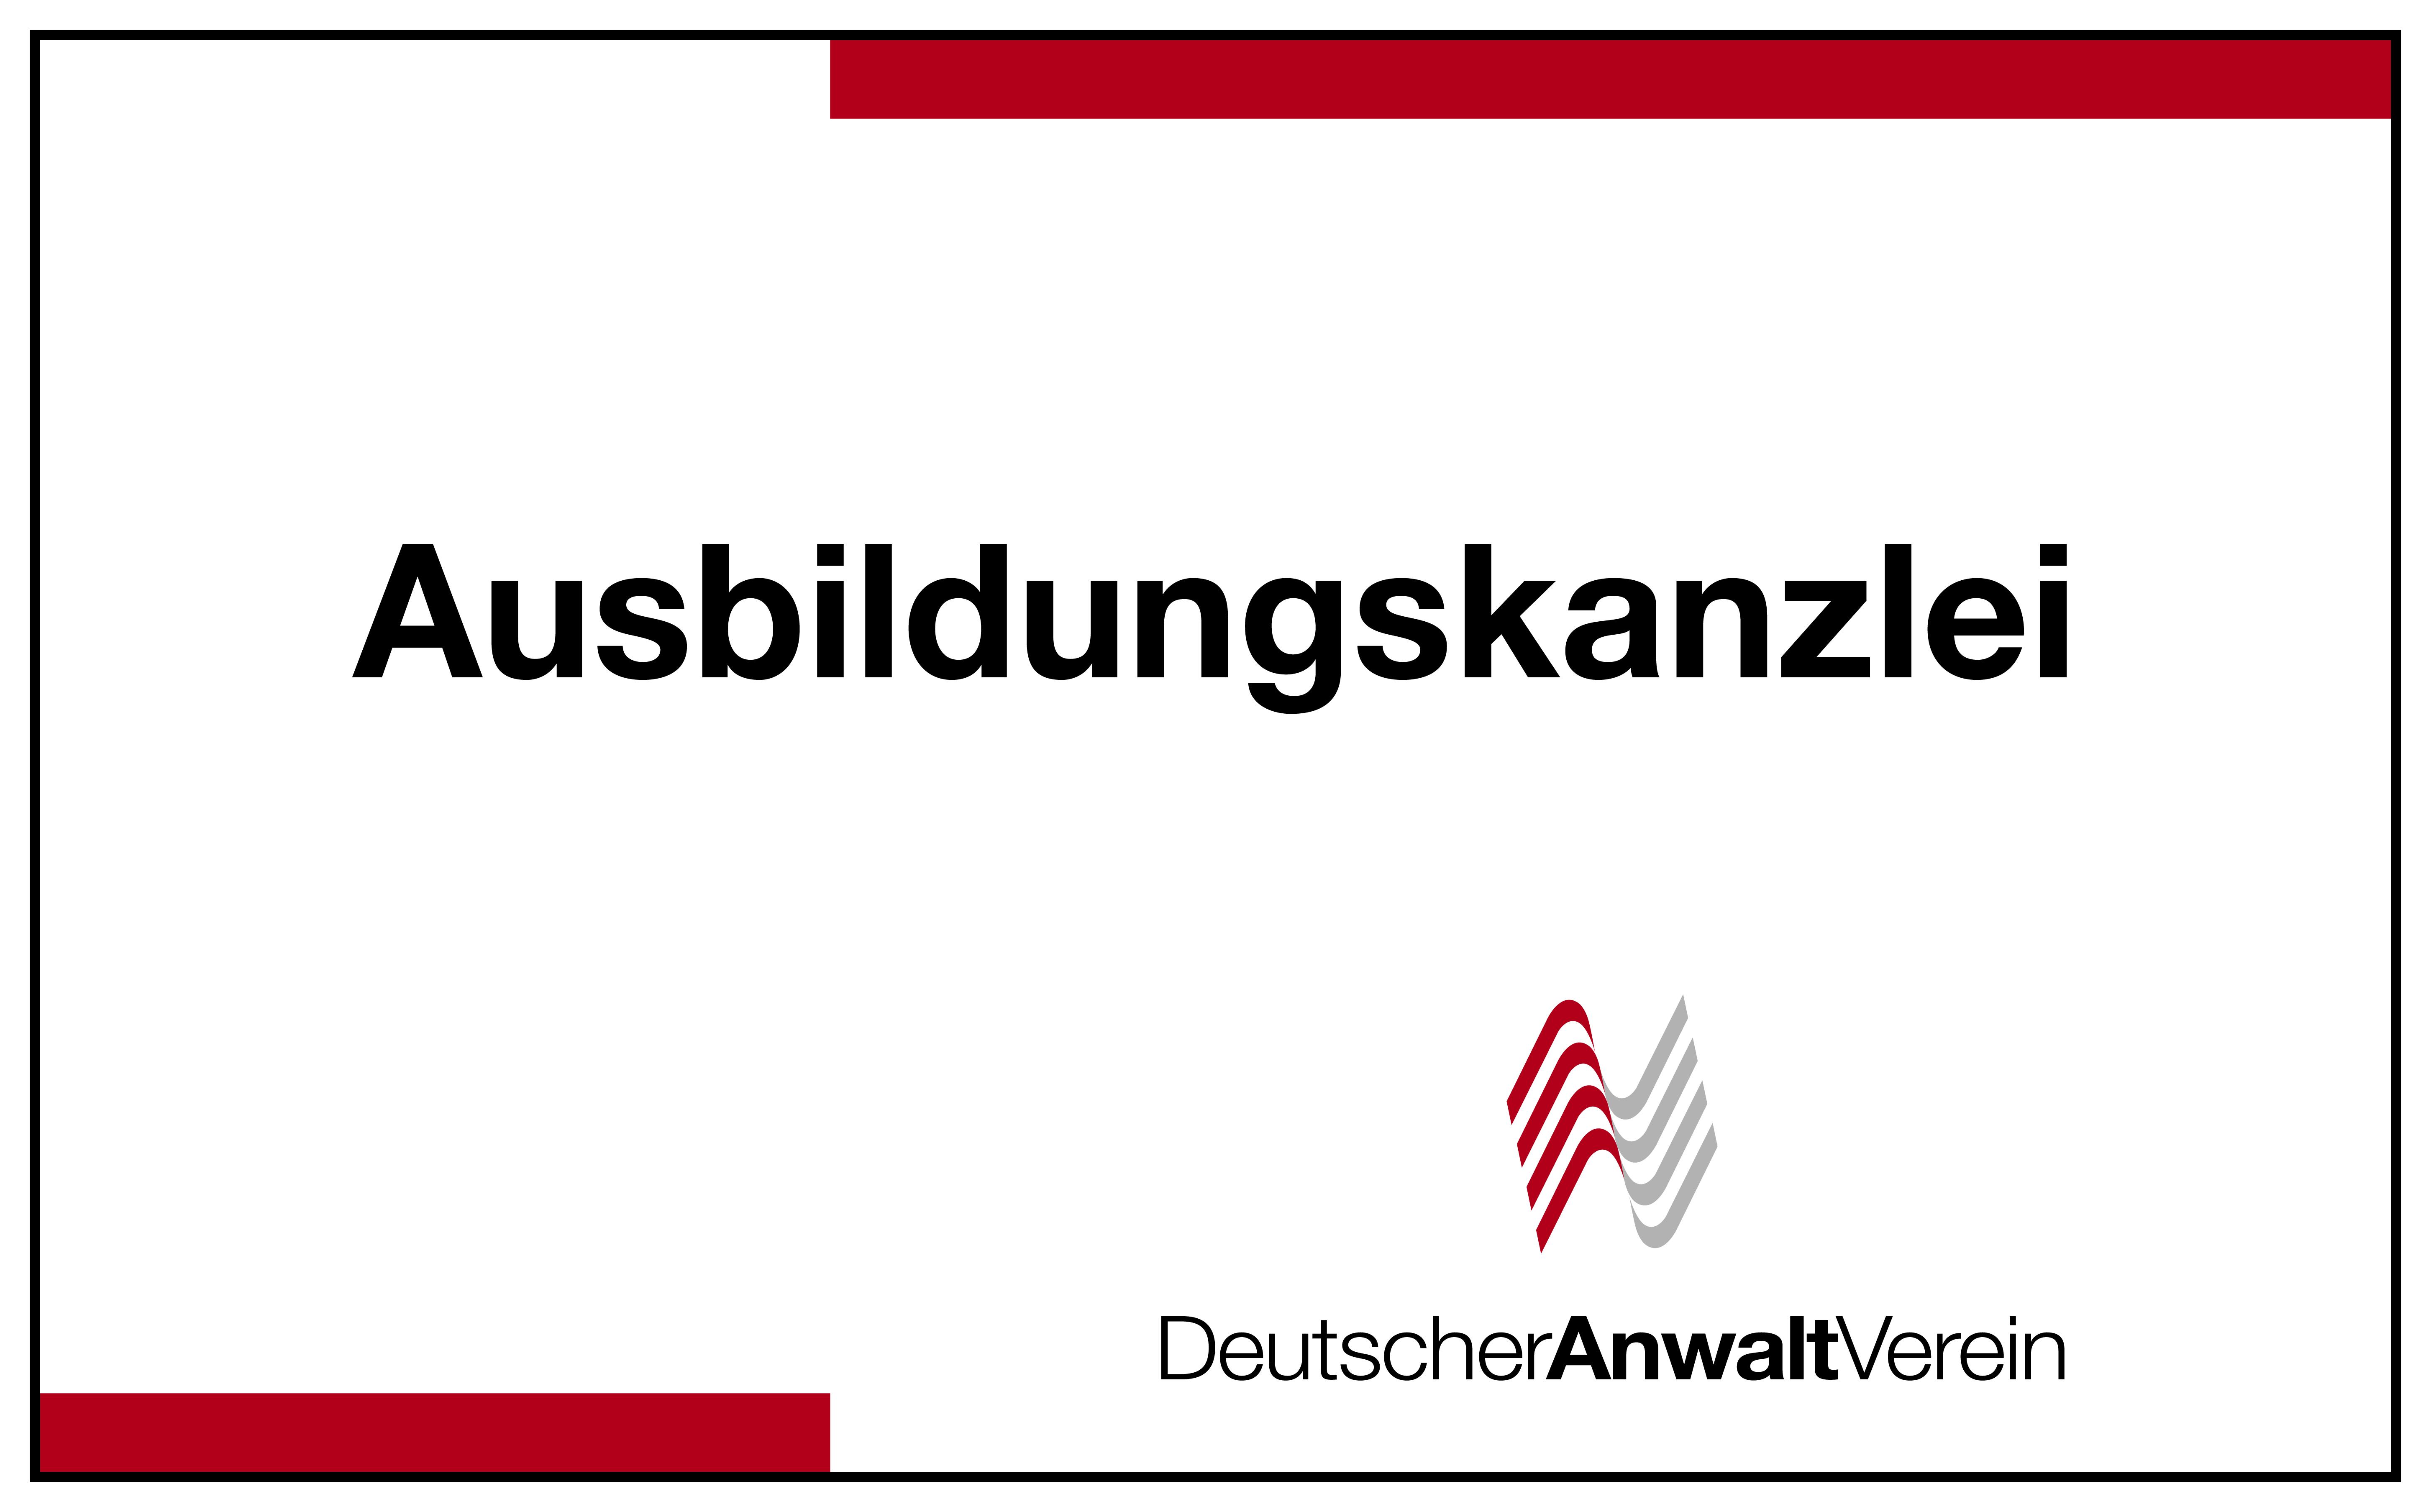 Logo Ausbildungskanzlei 4C